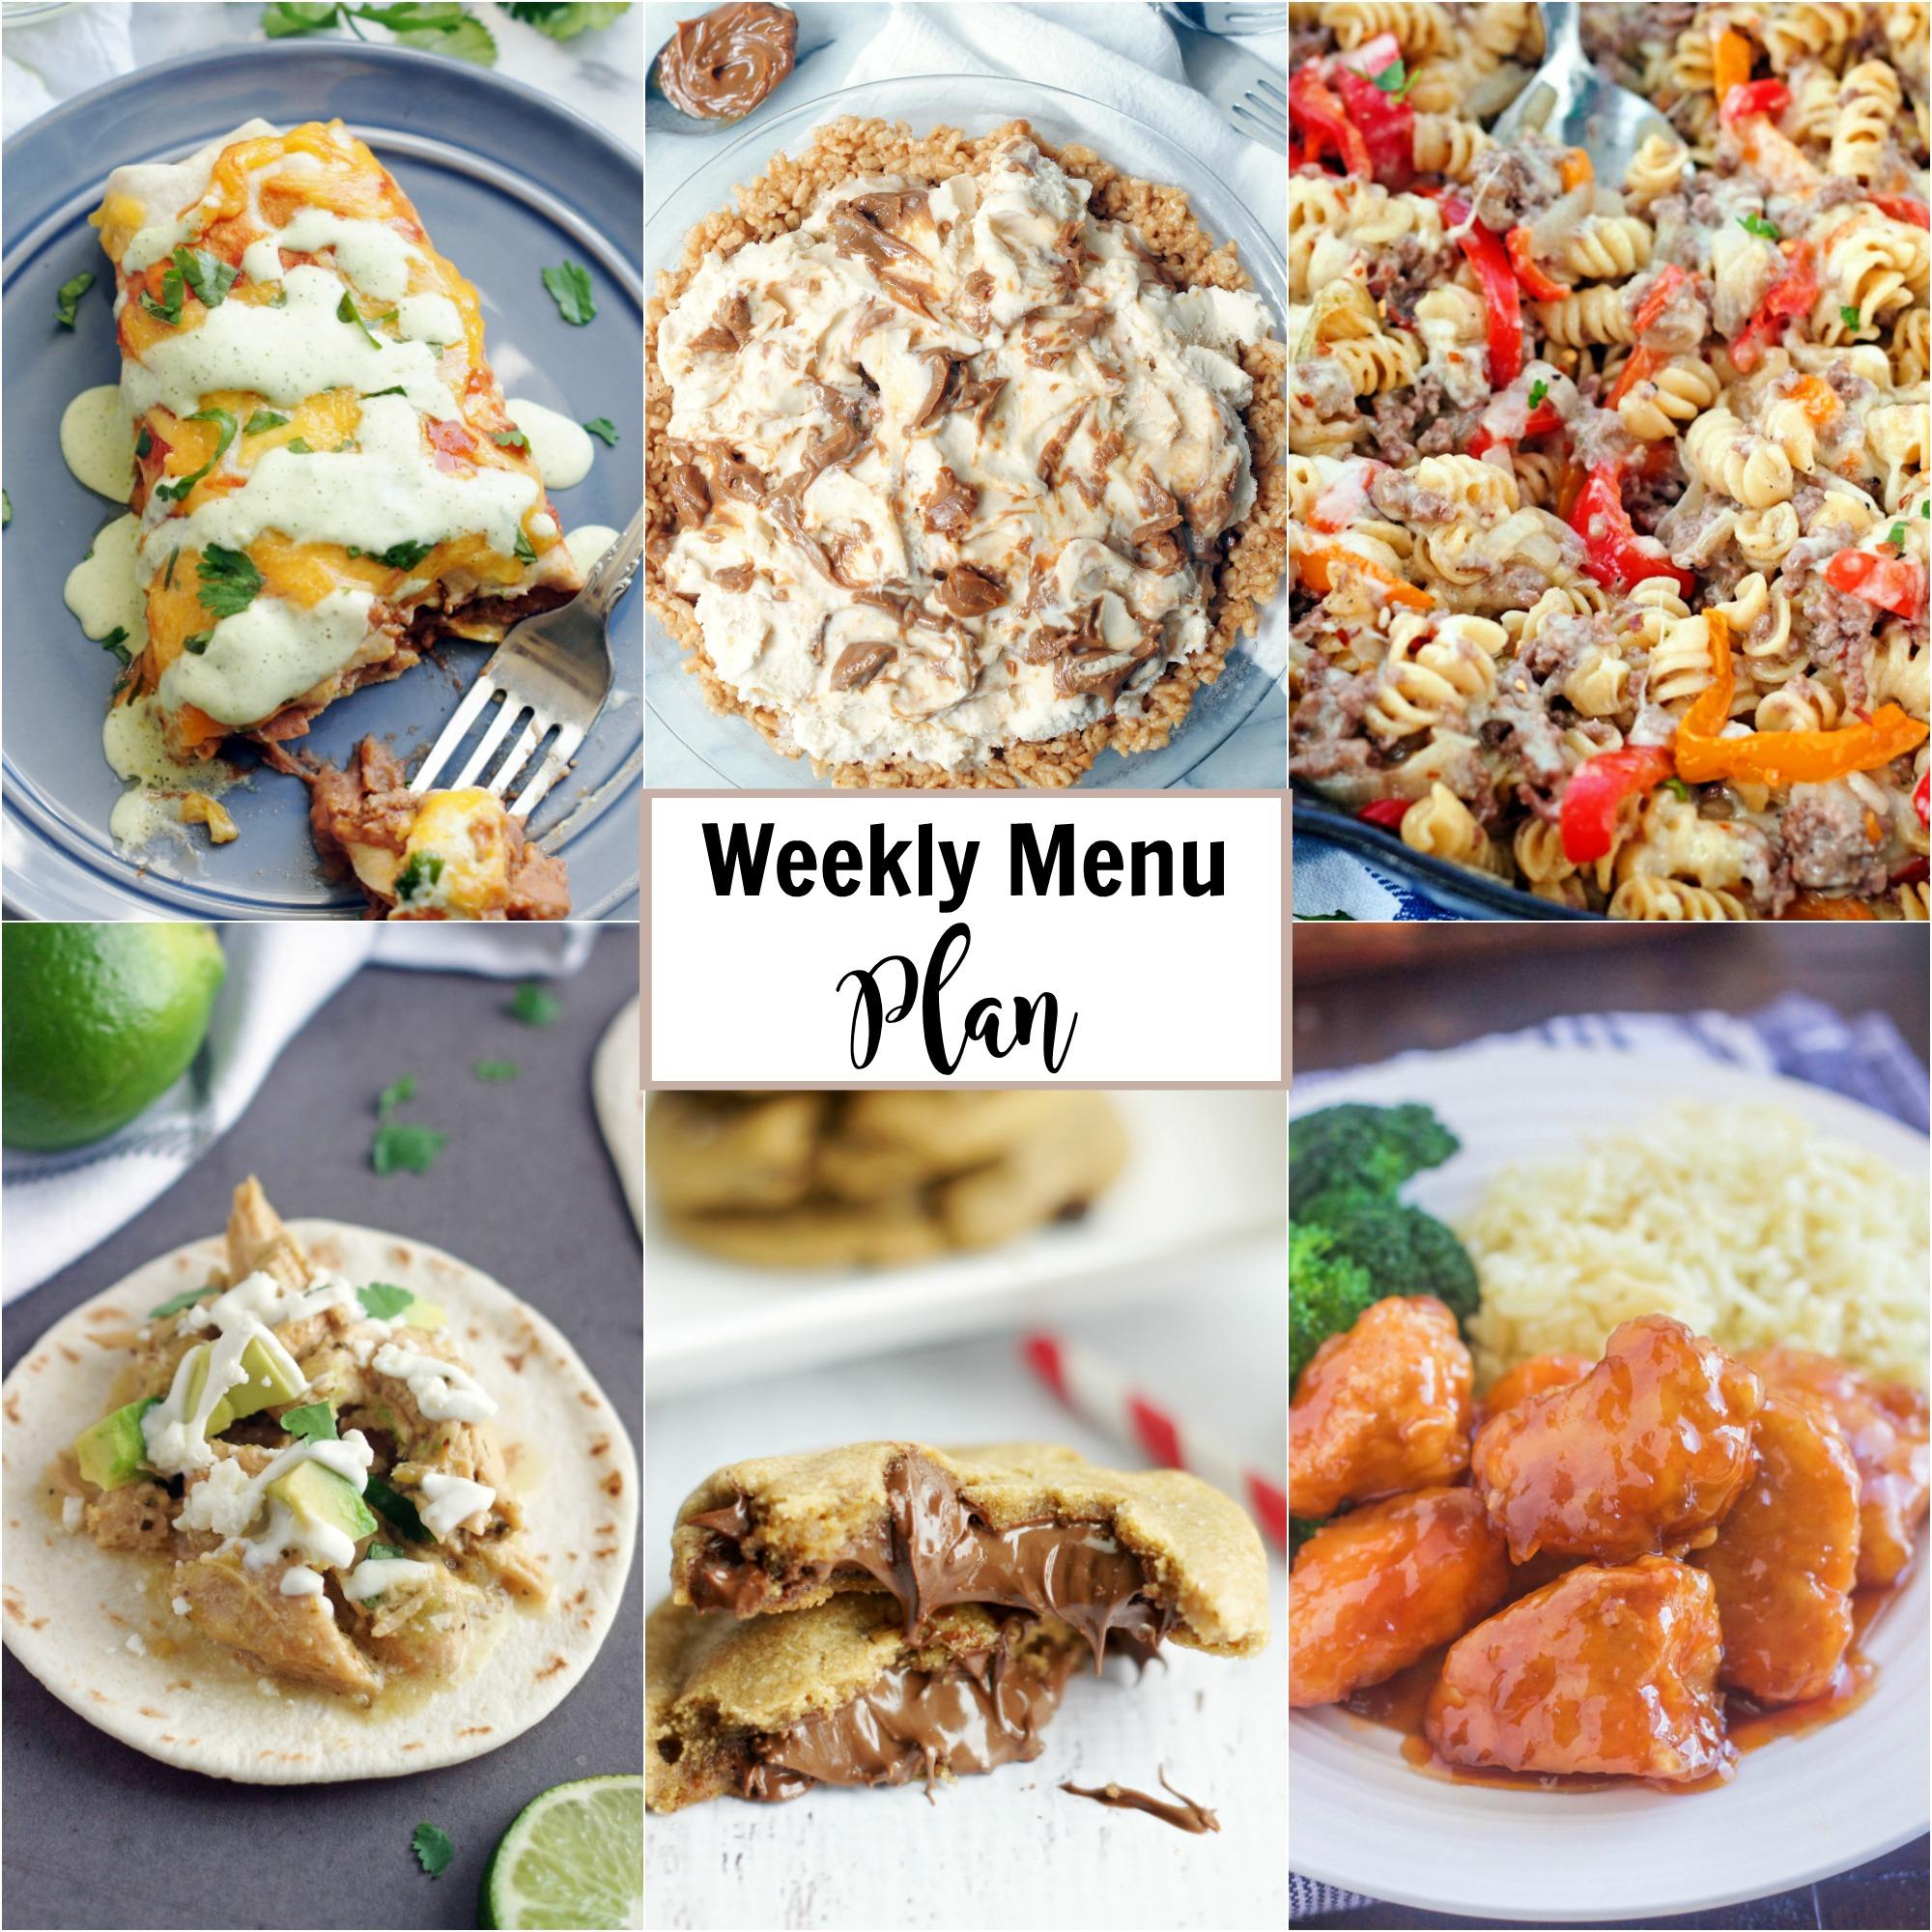 Collage of Weekly Menu Plan meals